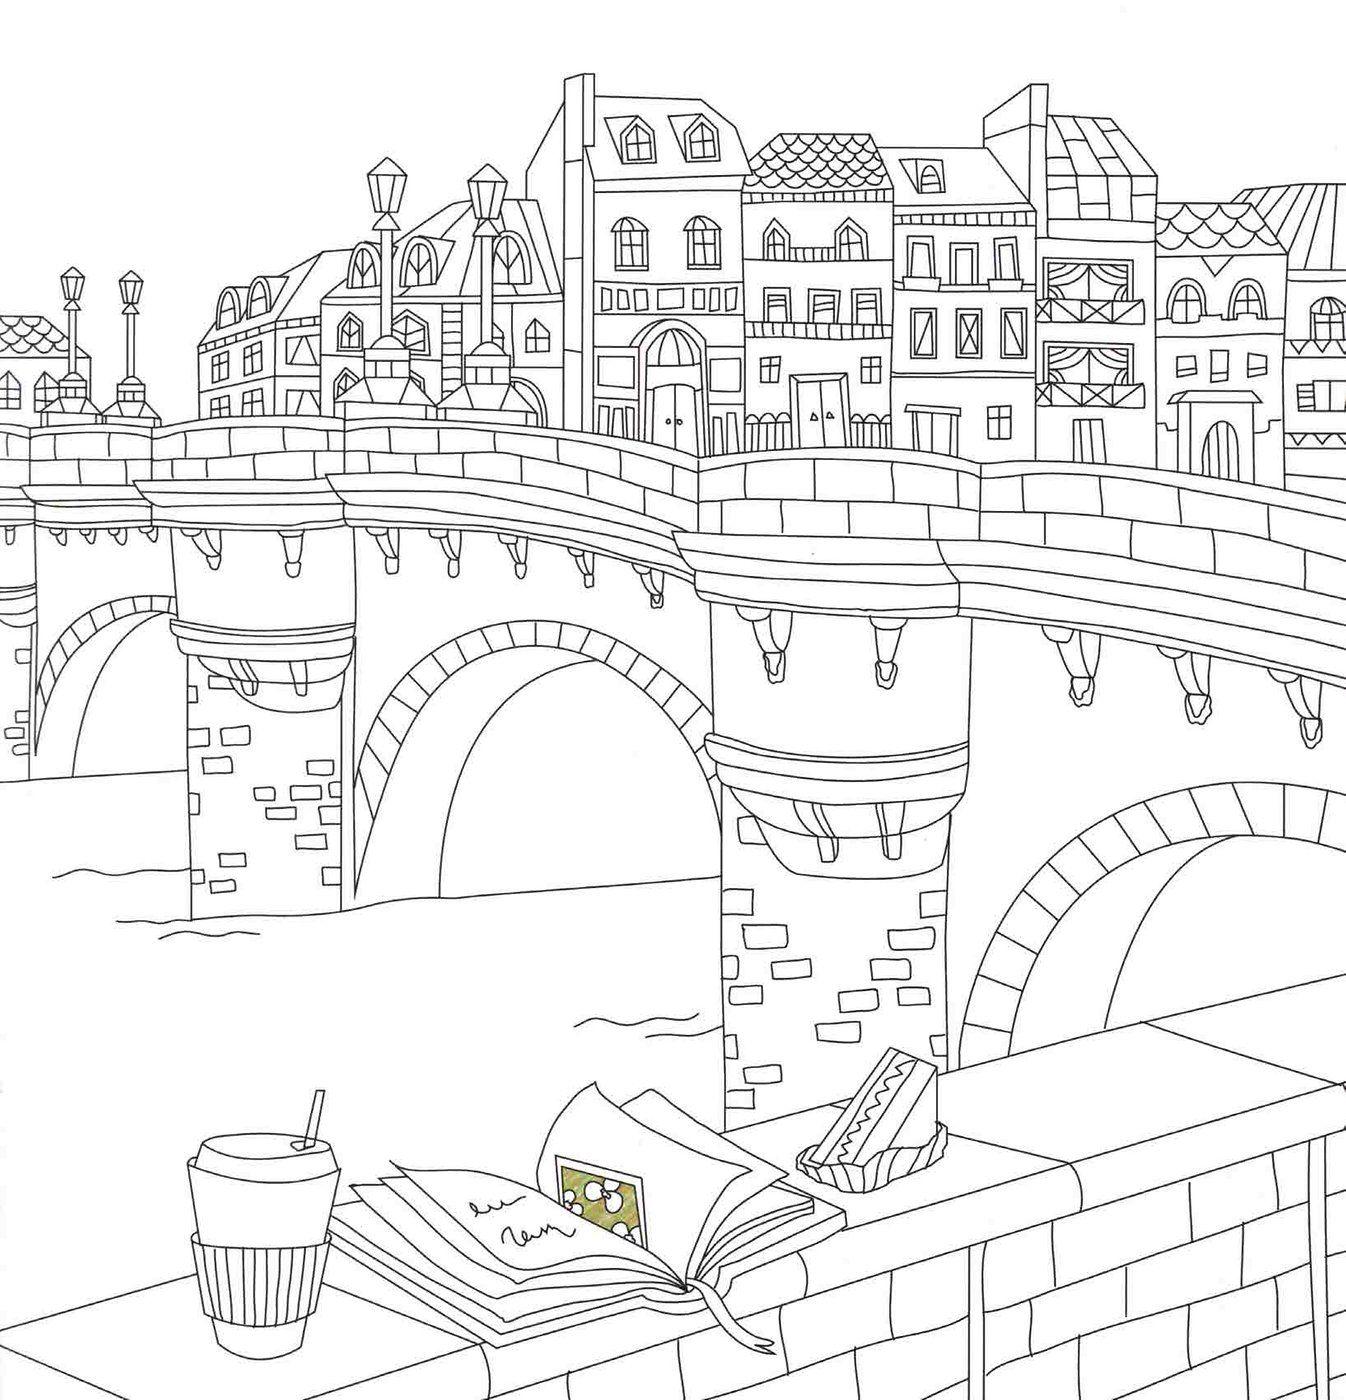 인터파크 도서 미리보기 컬러링 시트 색칠공부 책 스케치